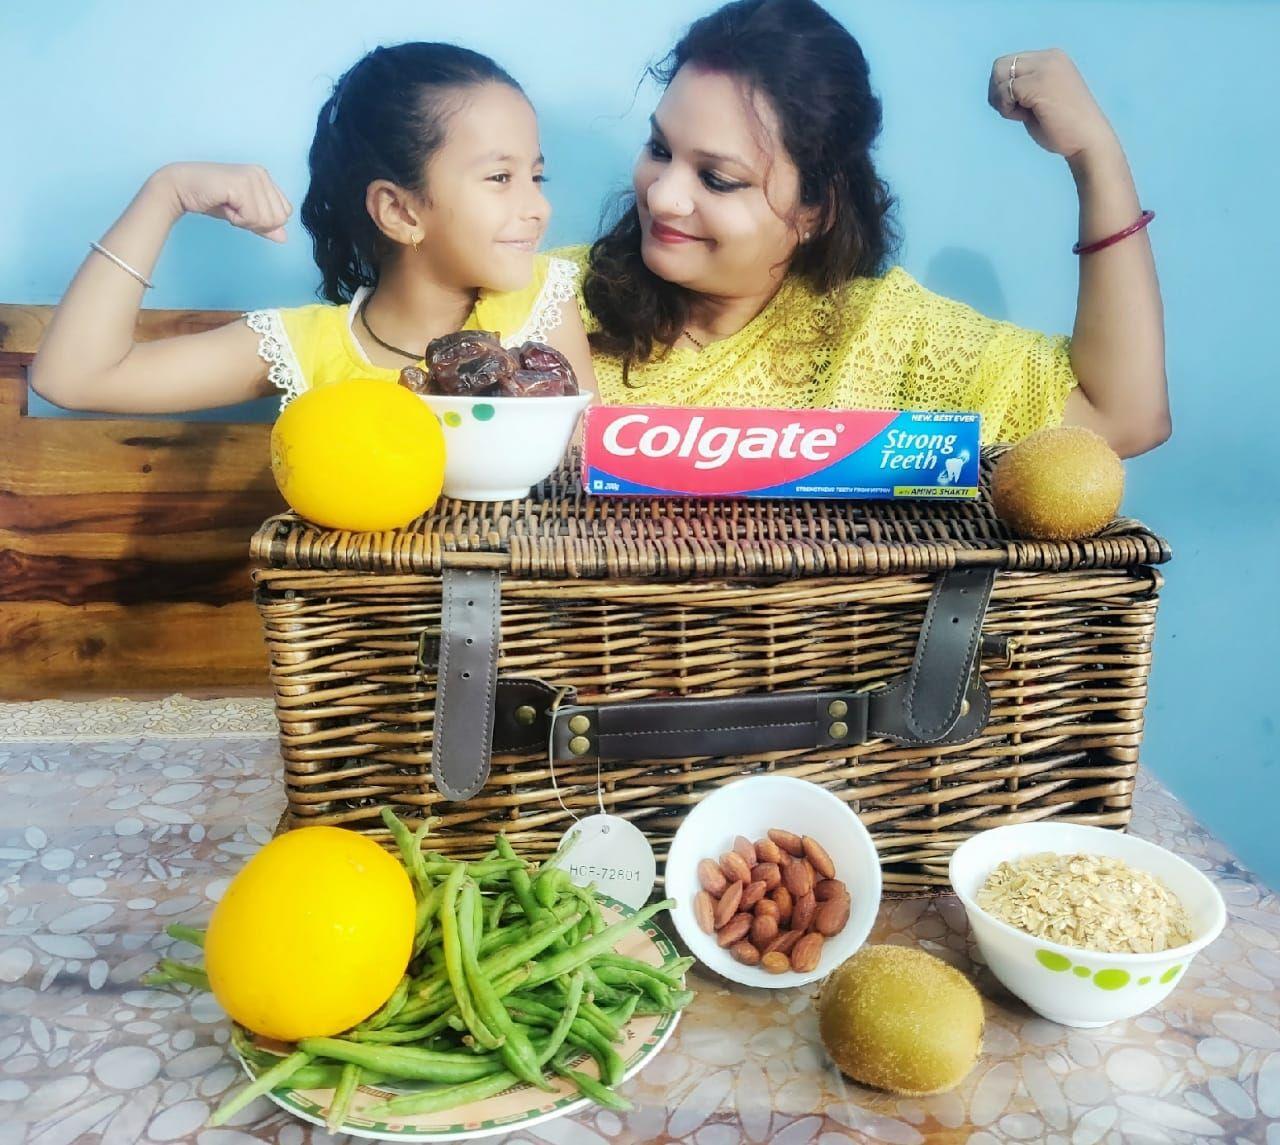 Colgate unser vertrauenswürdigster Partner fürs Leben   – Health, Wellness, Fitness